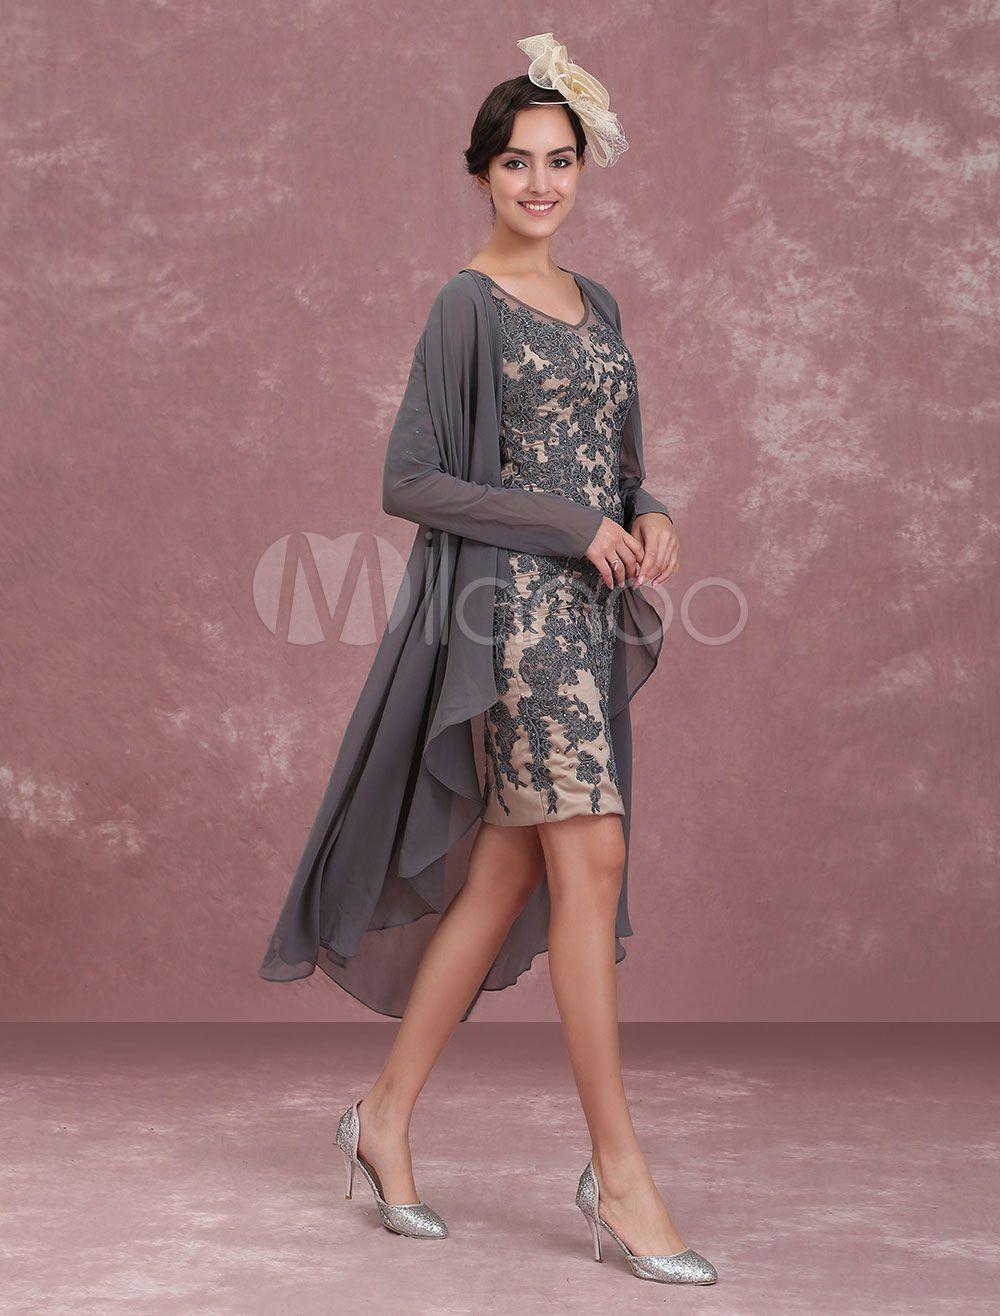 Kreative Kleid Für Hochzeit Als Gast Ideen In Verschiedenen